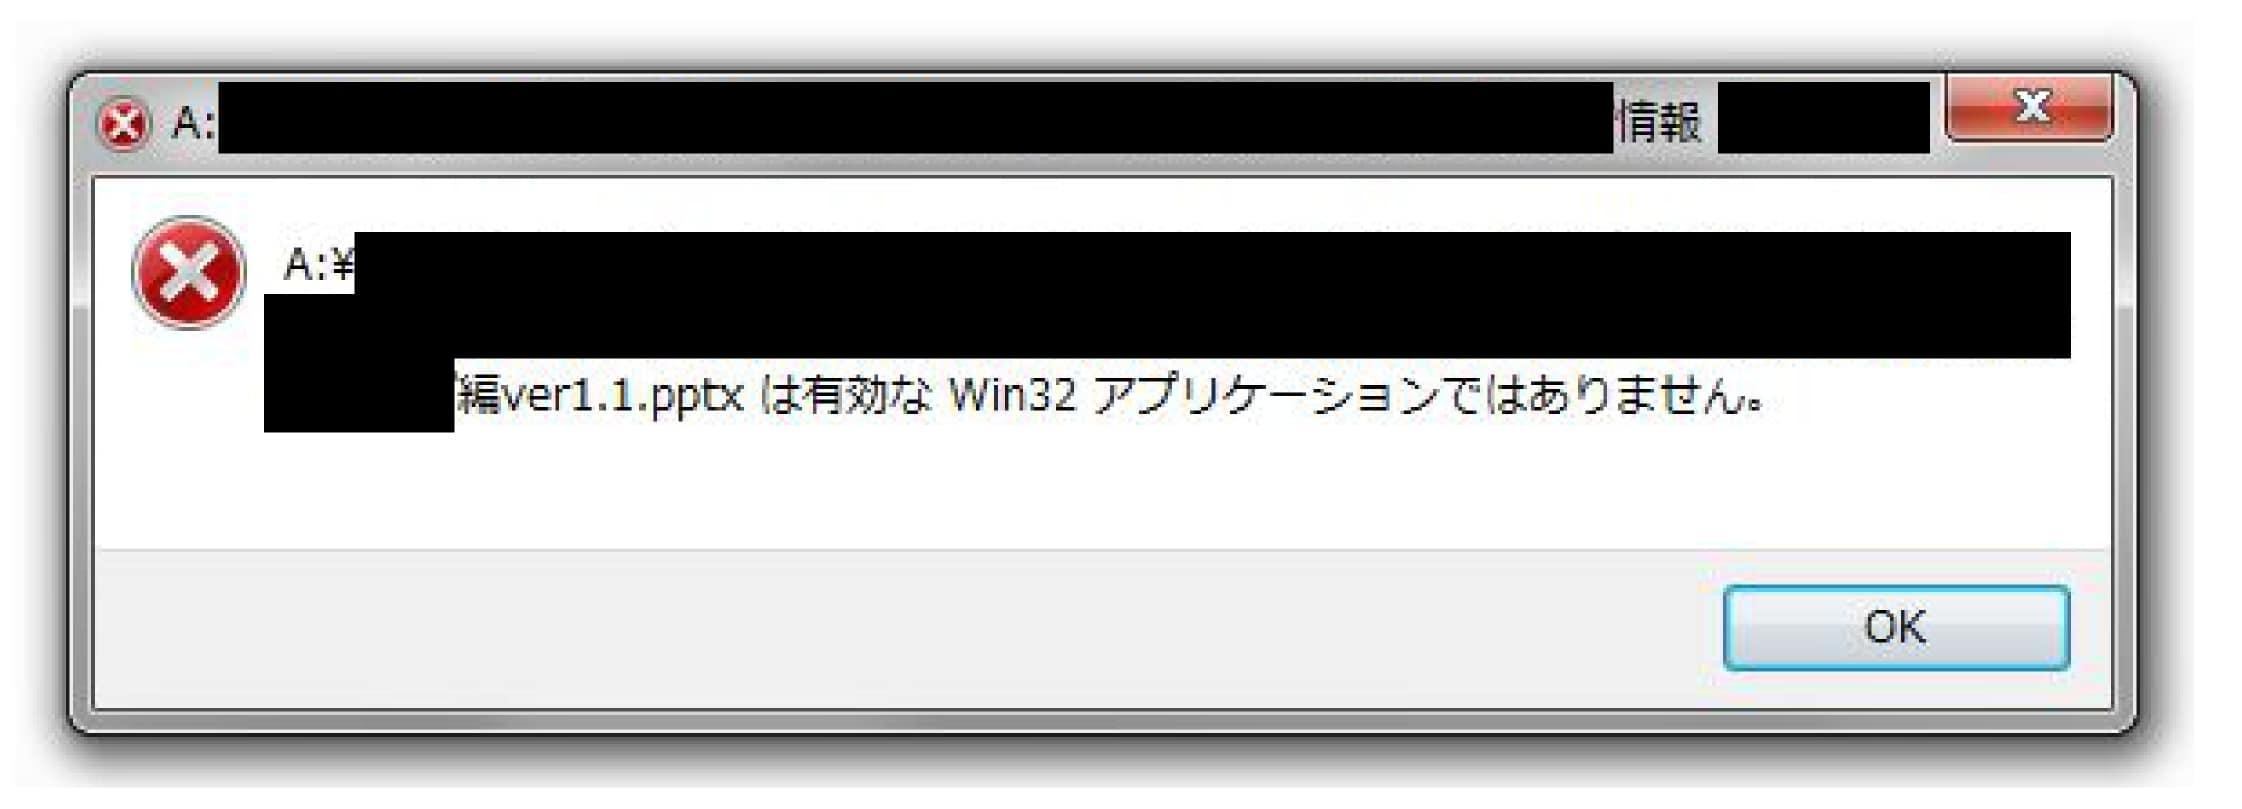 「WPS」で開いていたものを「Microsoft Office」で開こうとしたら